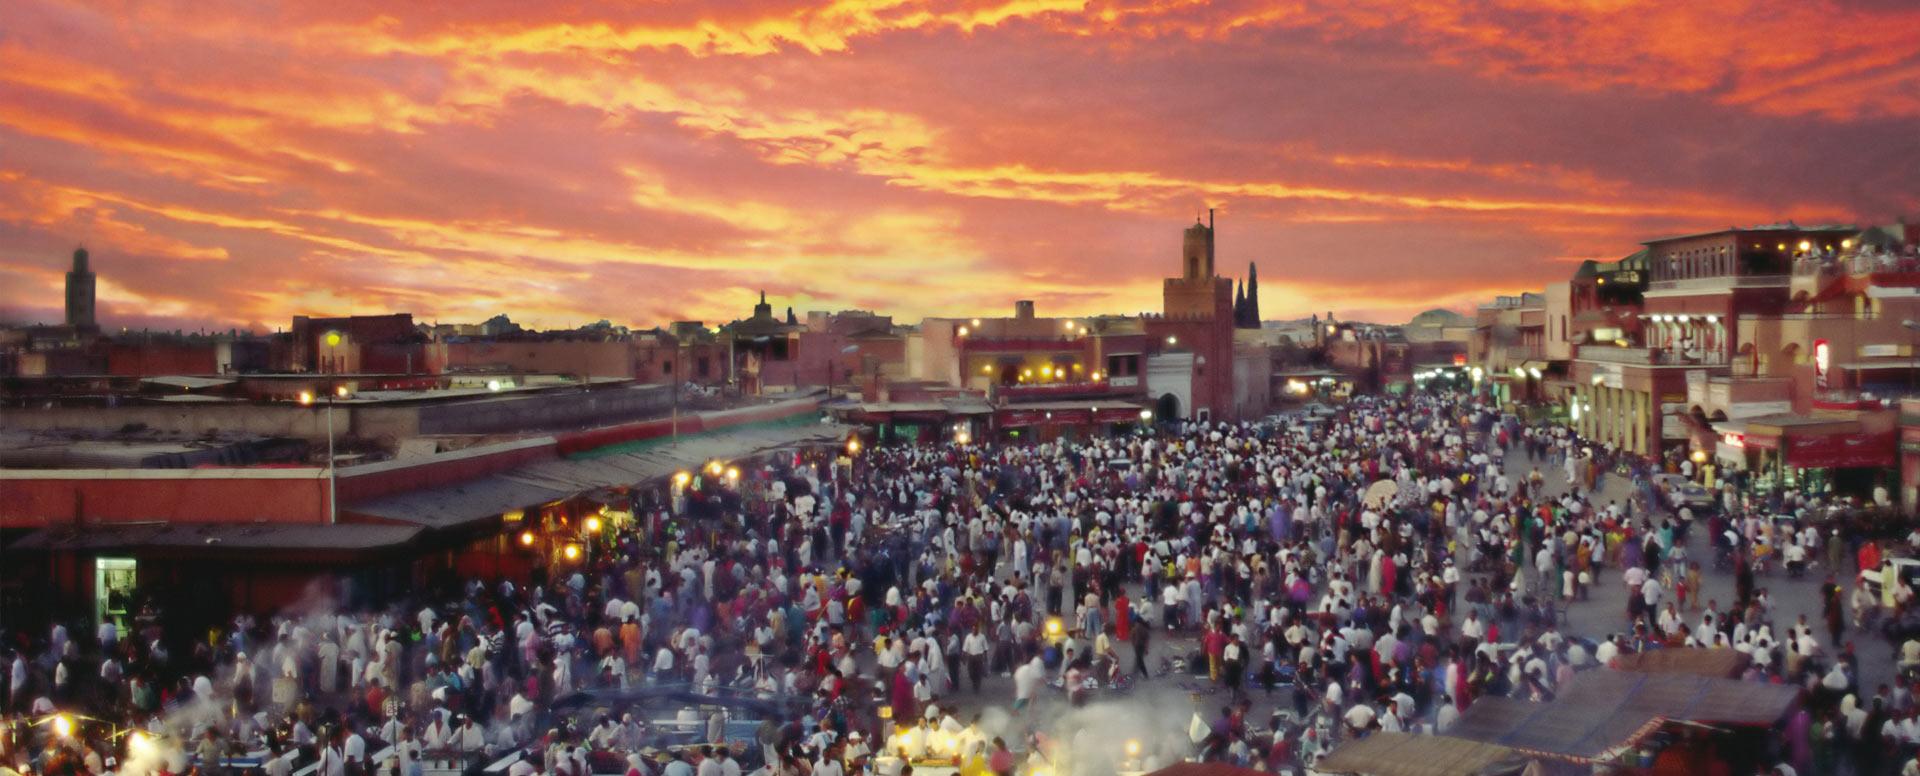 2. Découvrir la place Jemaâ El Fna le soir - Marrakech